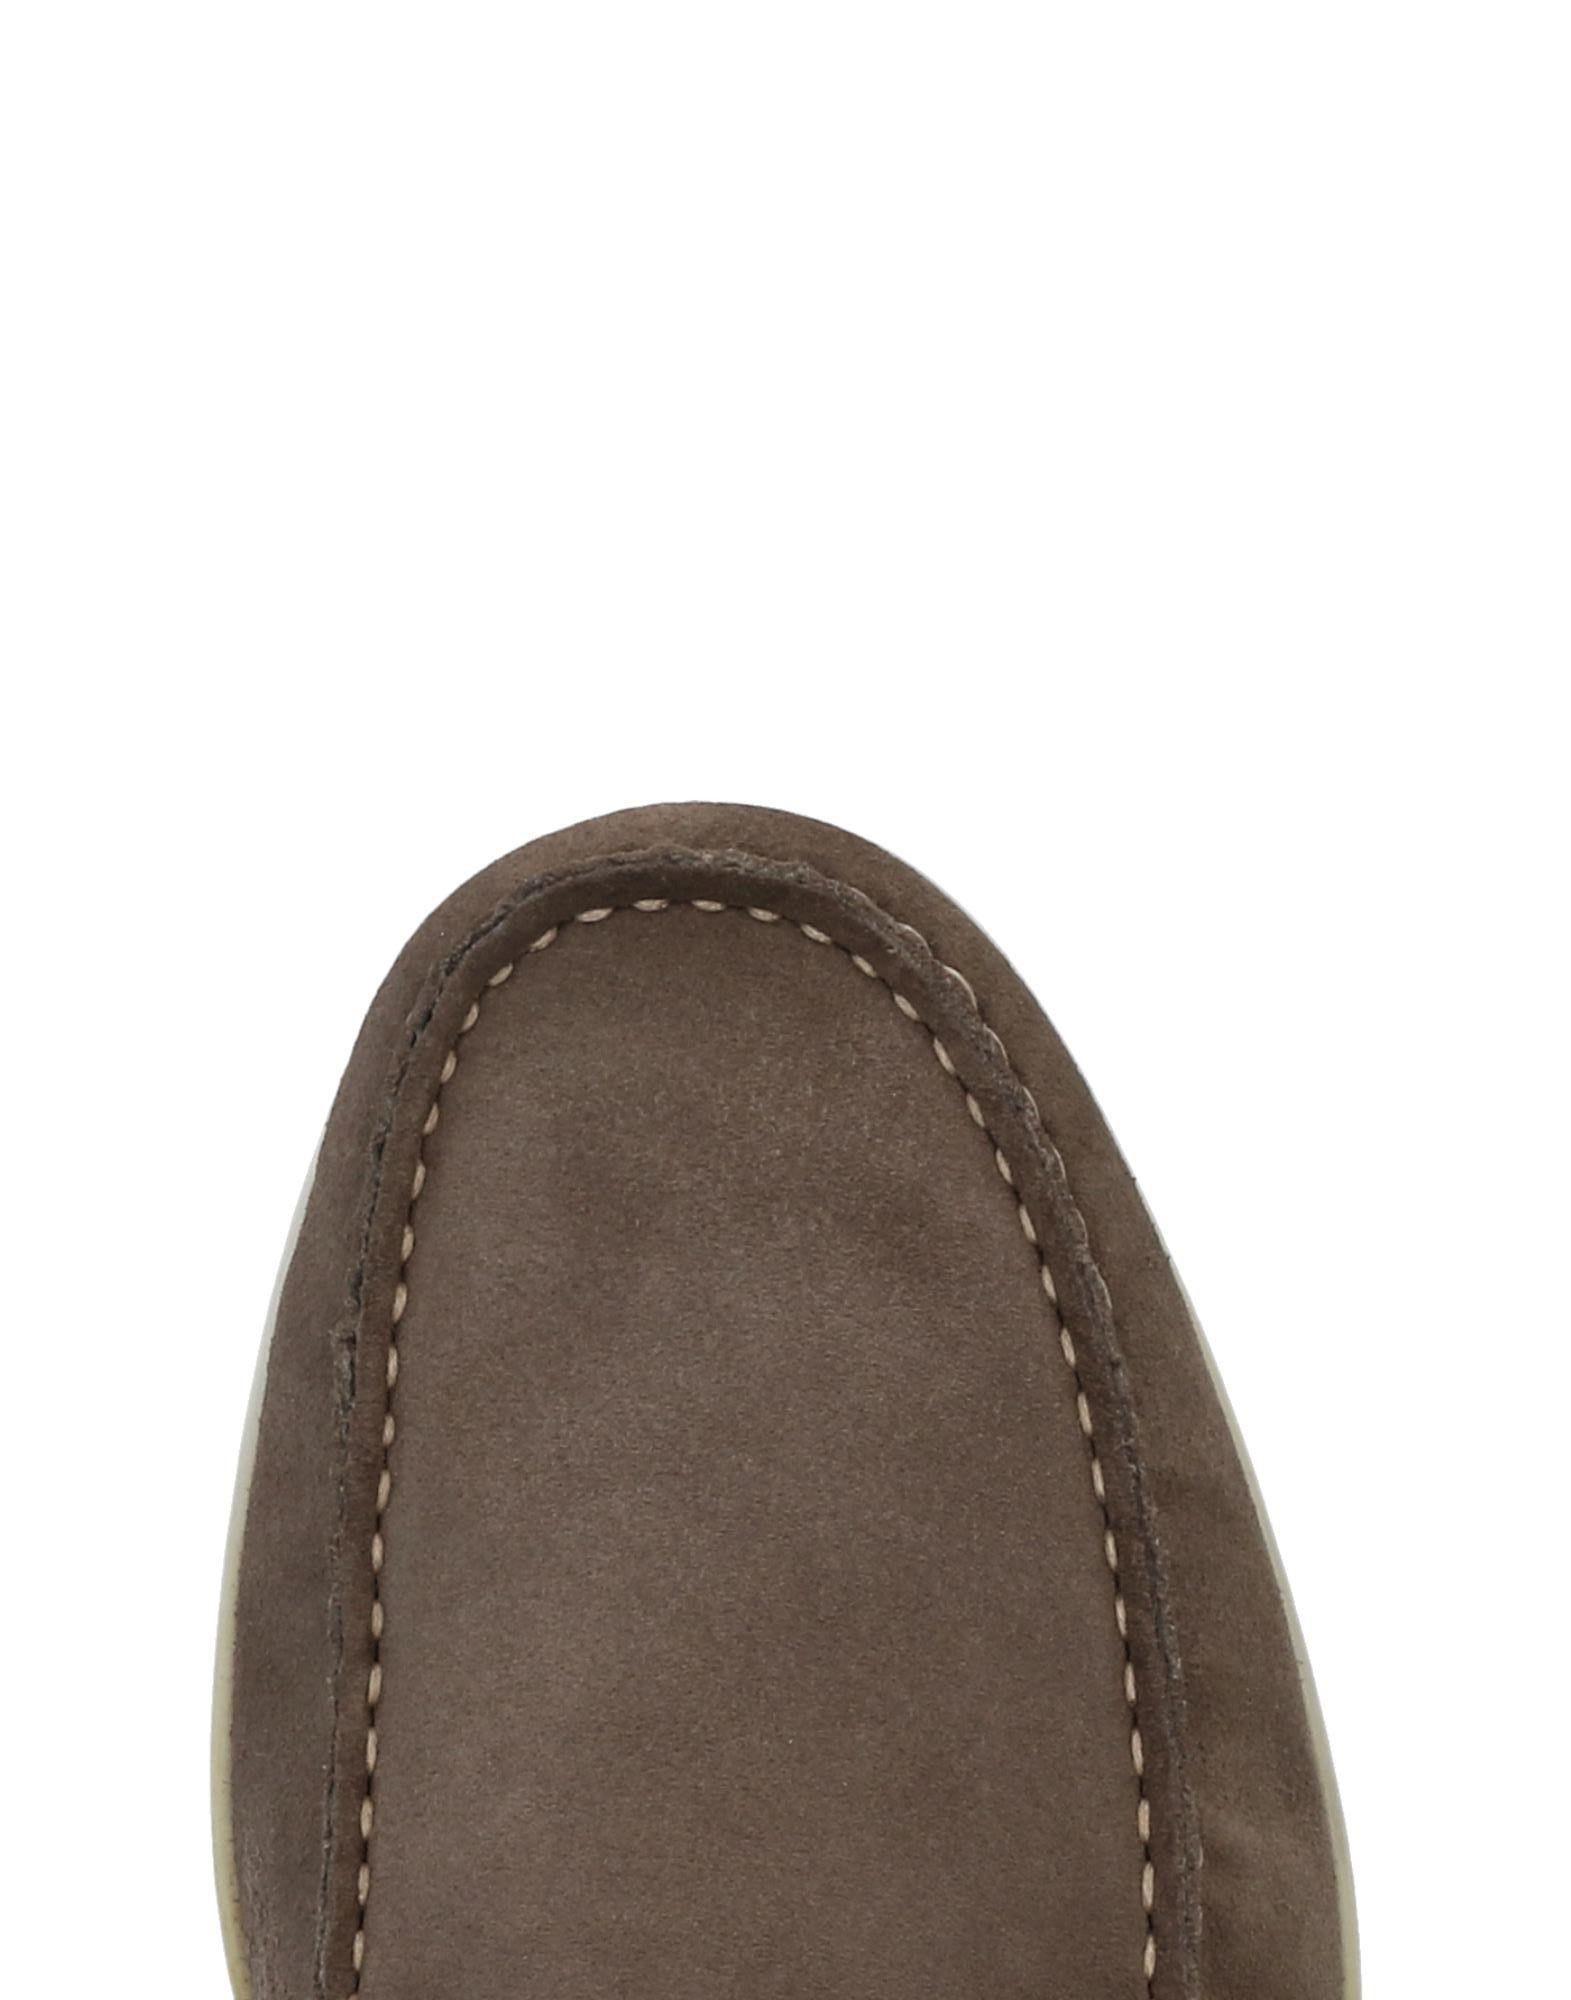 Scarpe resistenti economiche e resistenti Scarpe Sneakers Varese Uomo - 11462994IK 8b6806